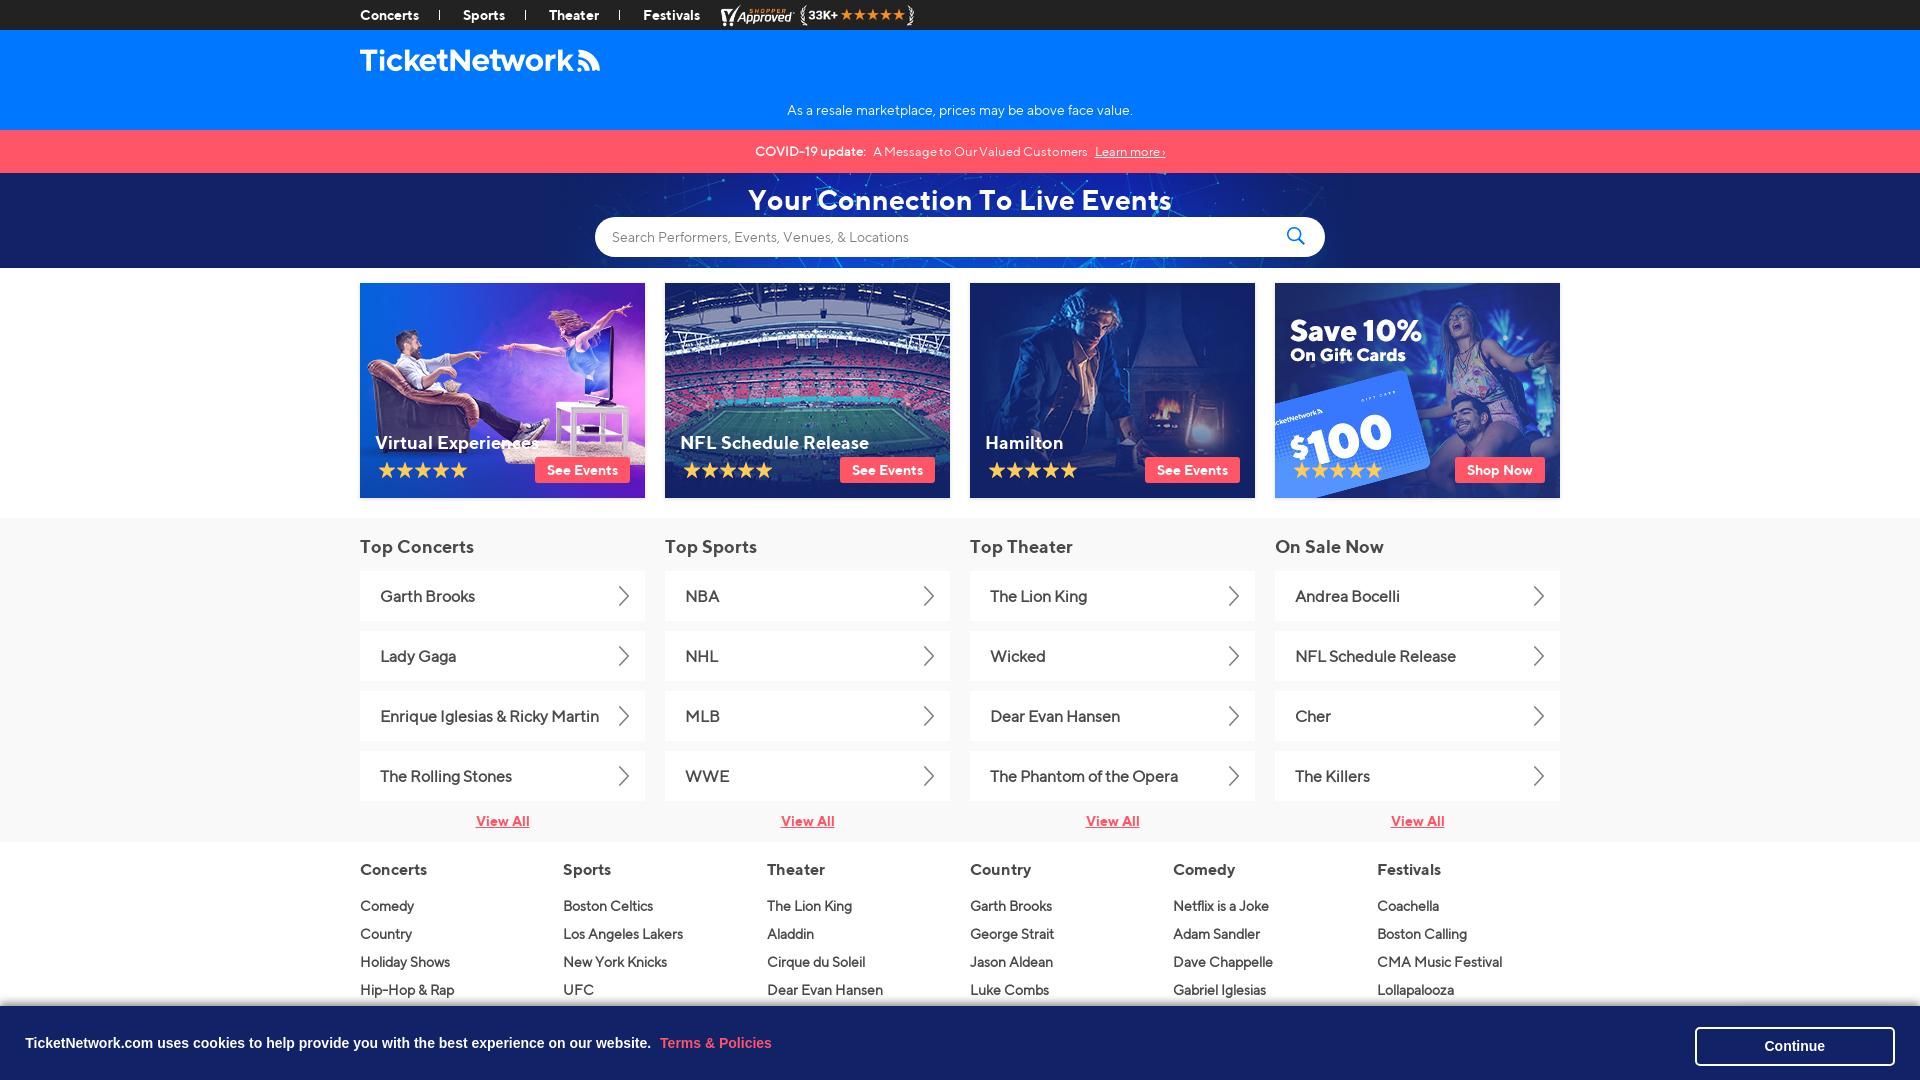 TicketNetwork website